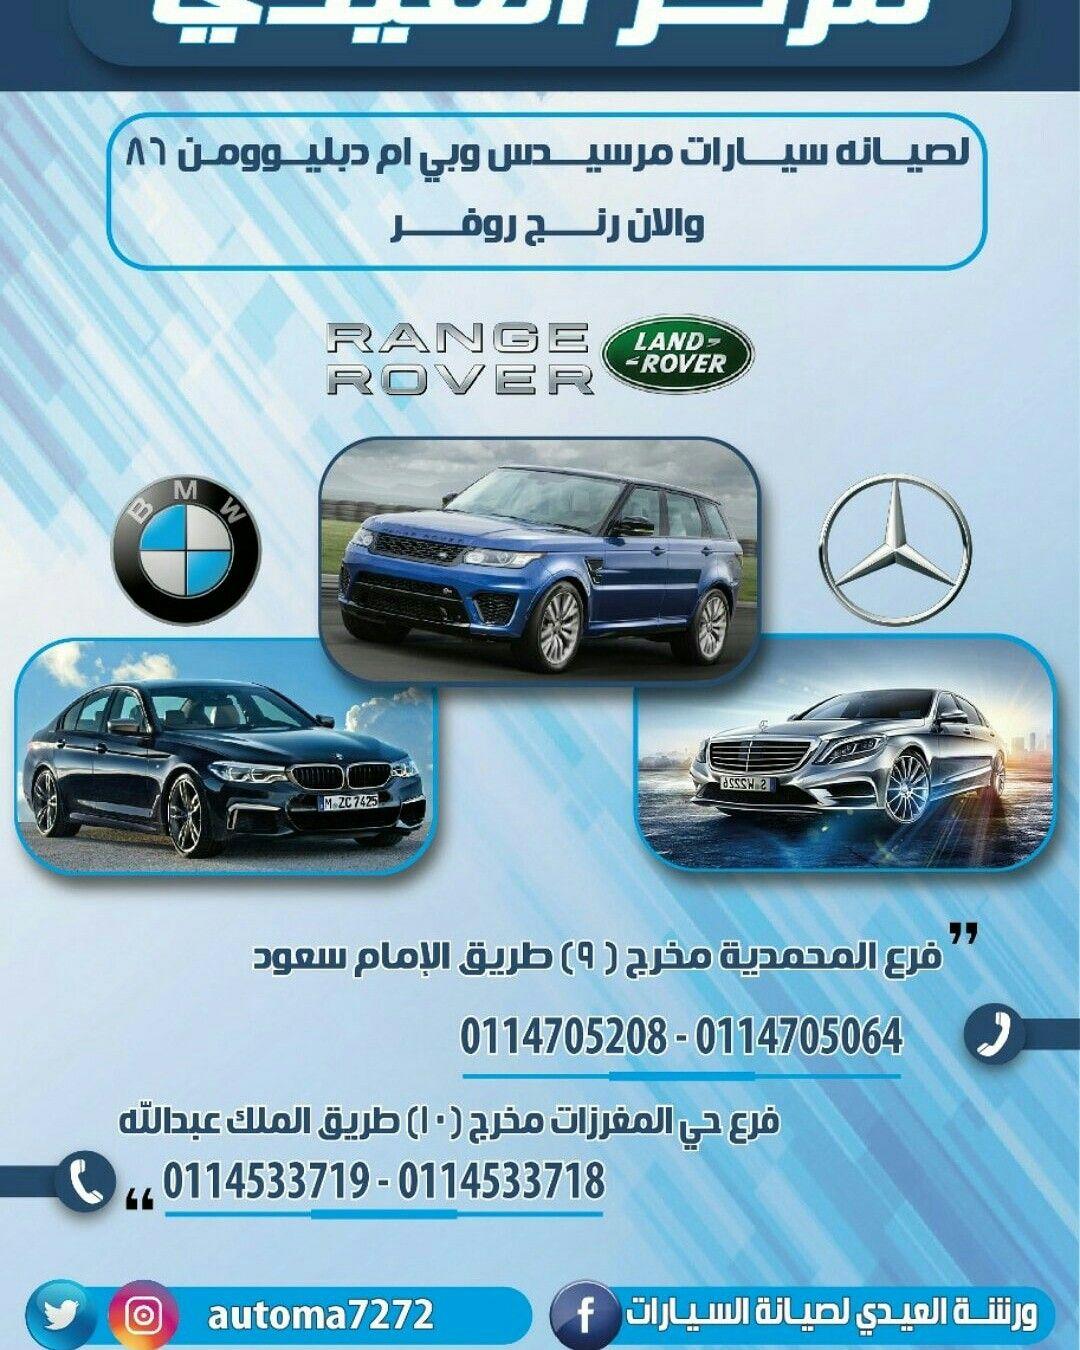 العيدي صيانة Bmw بالرياض 0114705064 مركز متخصص في صيانه و برمجه مرسيدس Land Rover G Wagon Mercedes Benz